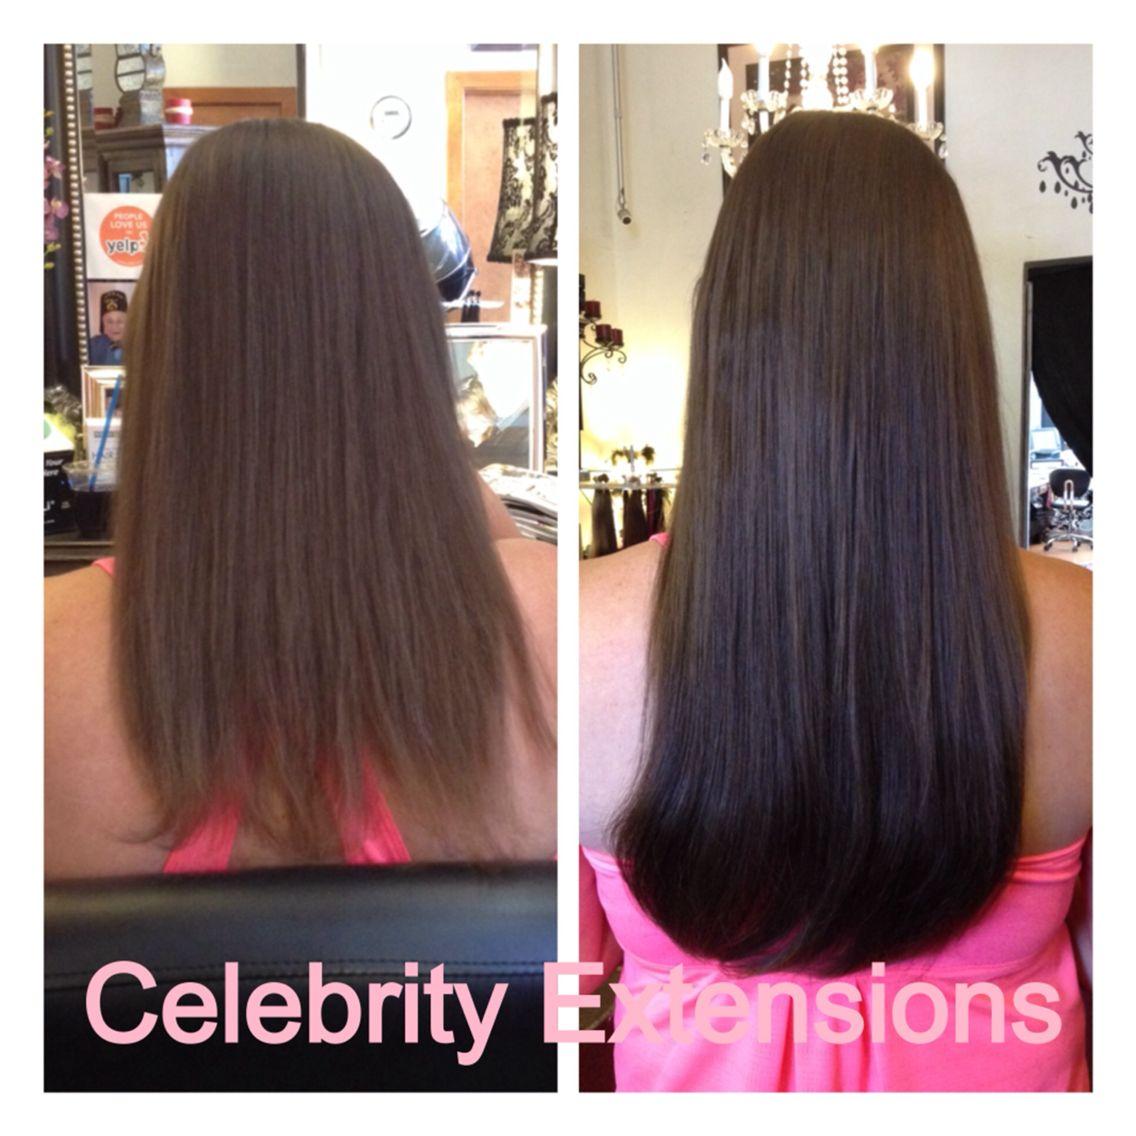 Atraks Celebrity Extensions Wedding Hair Los Angeles Best